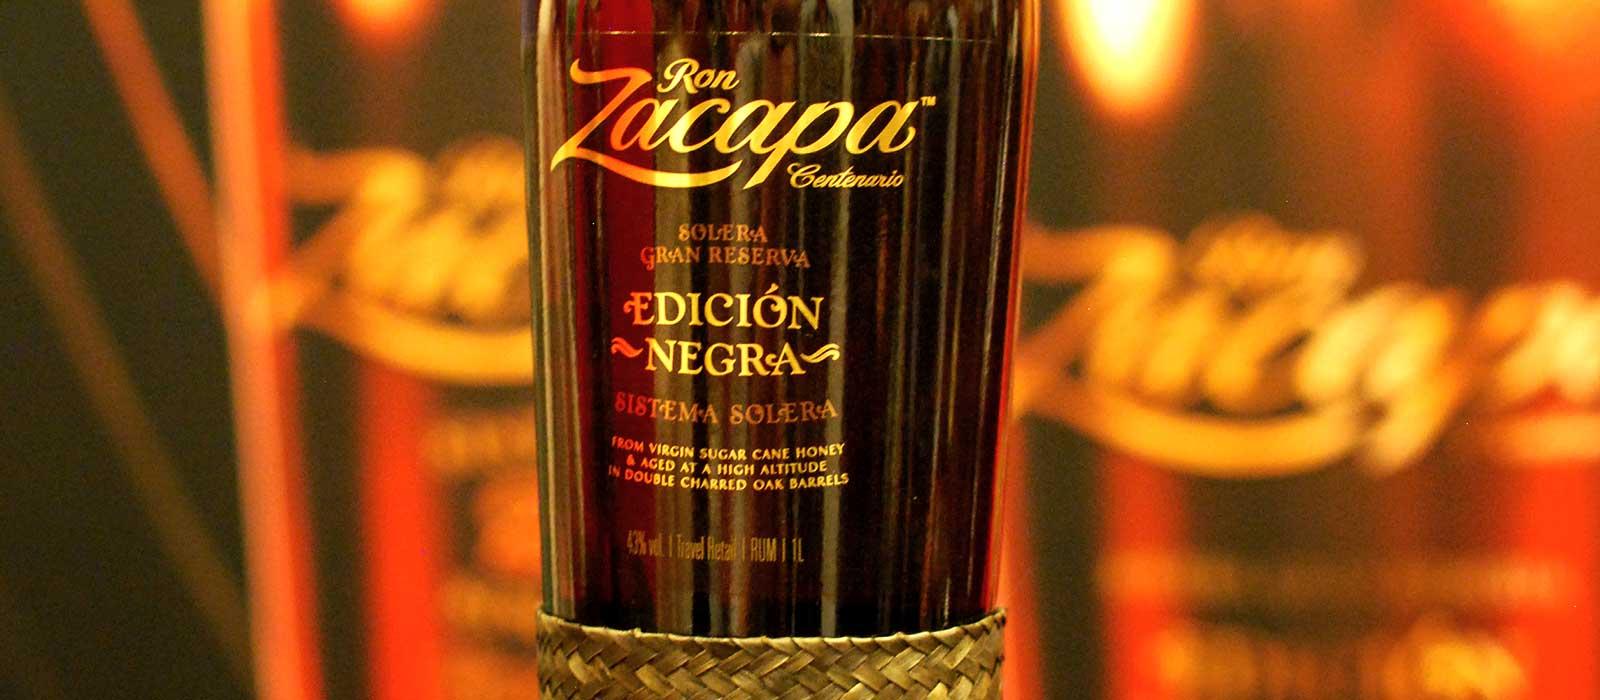 Pressrelease: Zacapa Edición Negra